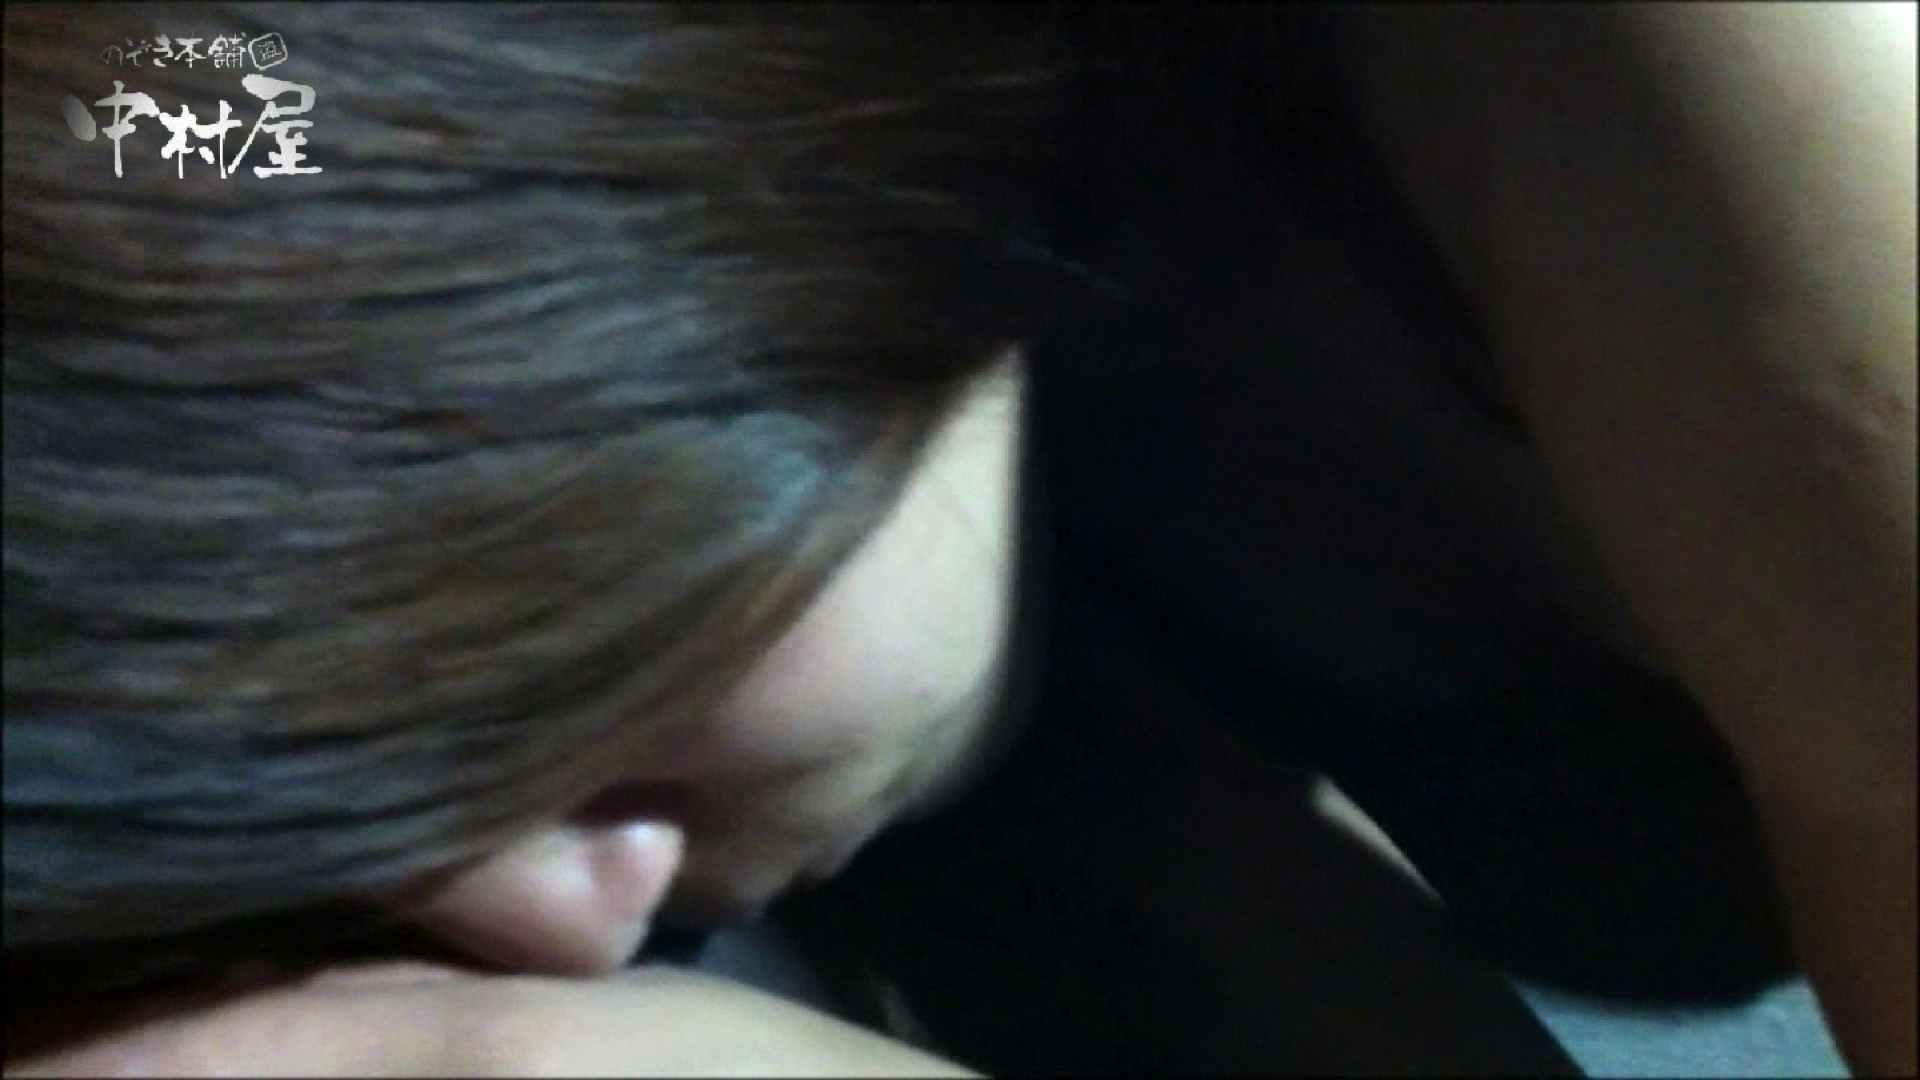 欲望 リアルドール Case.04 Kちゃんショップ店員20歳 Hな女子大生 戯れ無修正画像 82pic 58